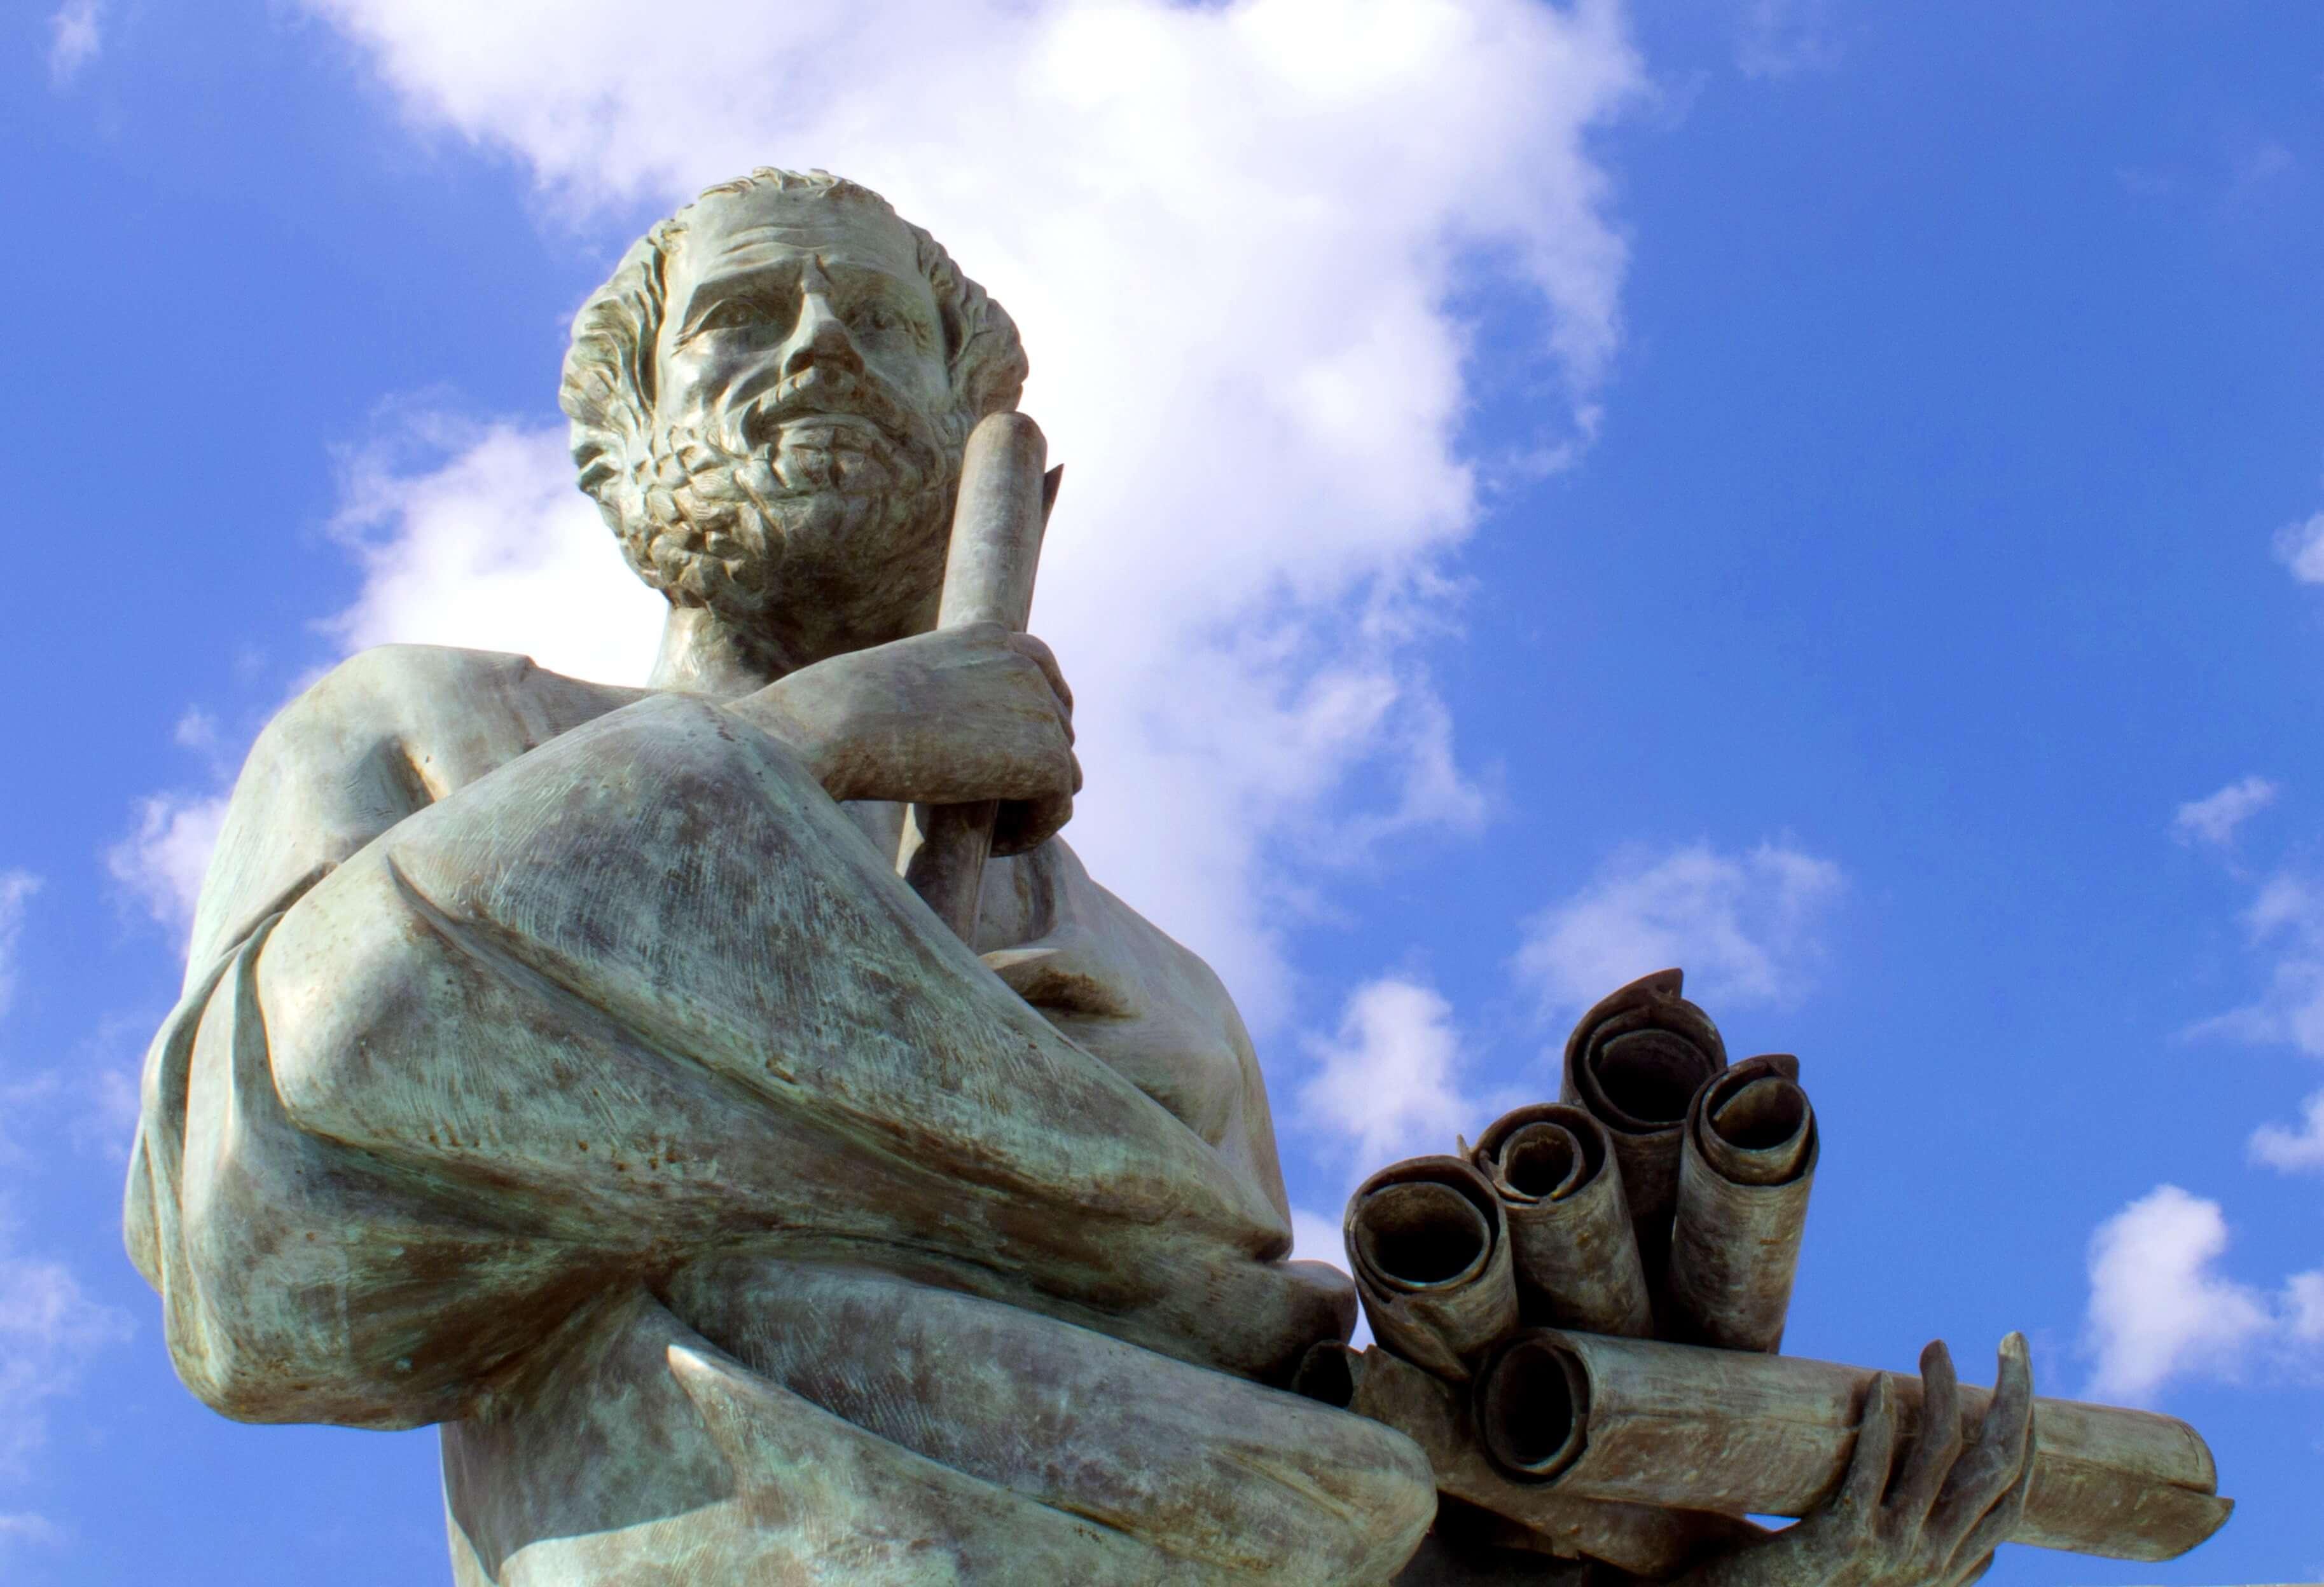 A sculpture of Socrates.